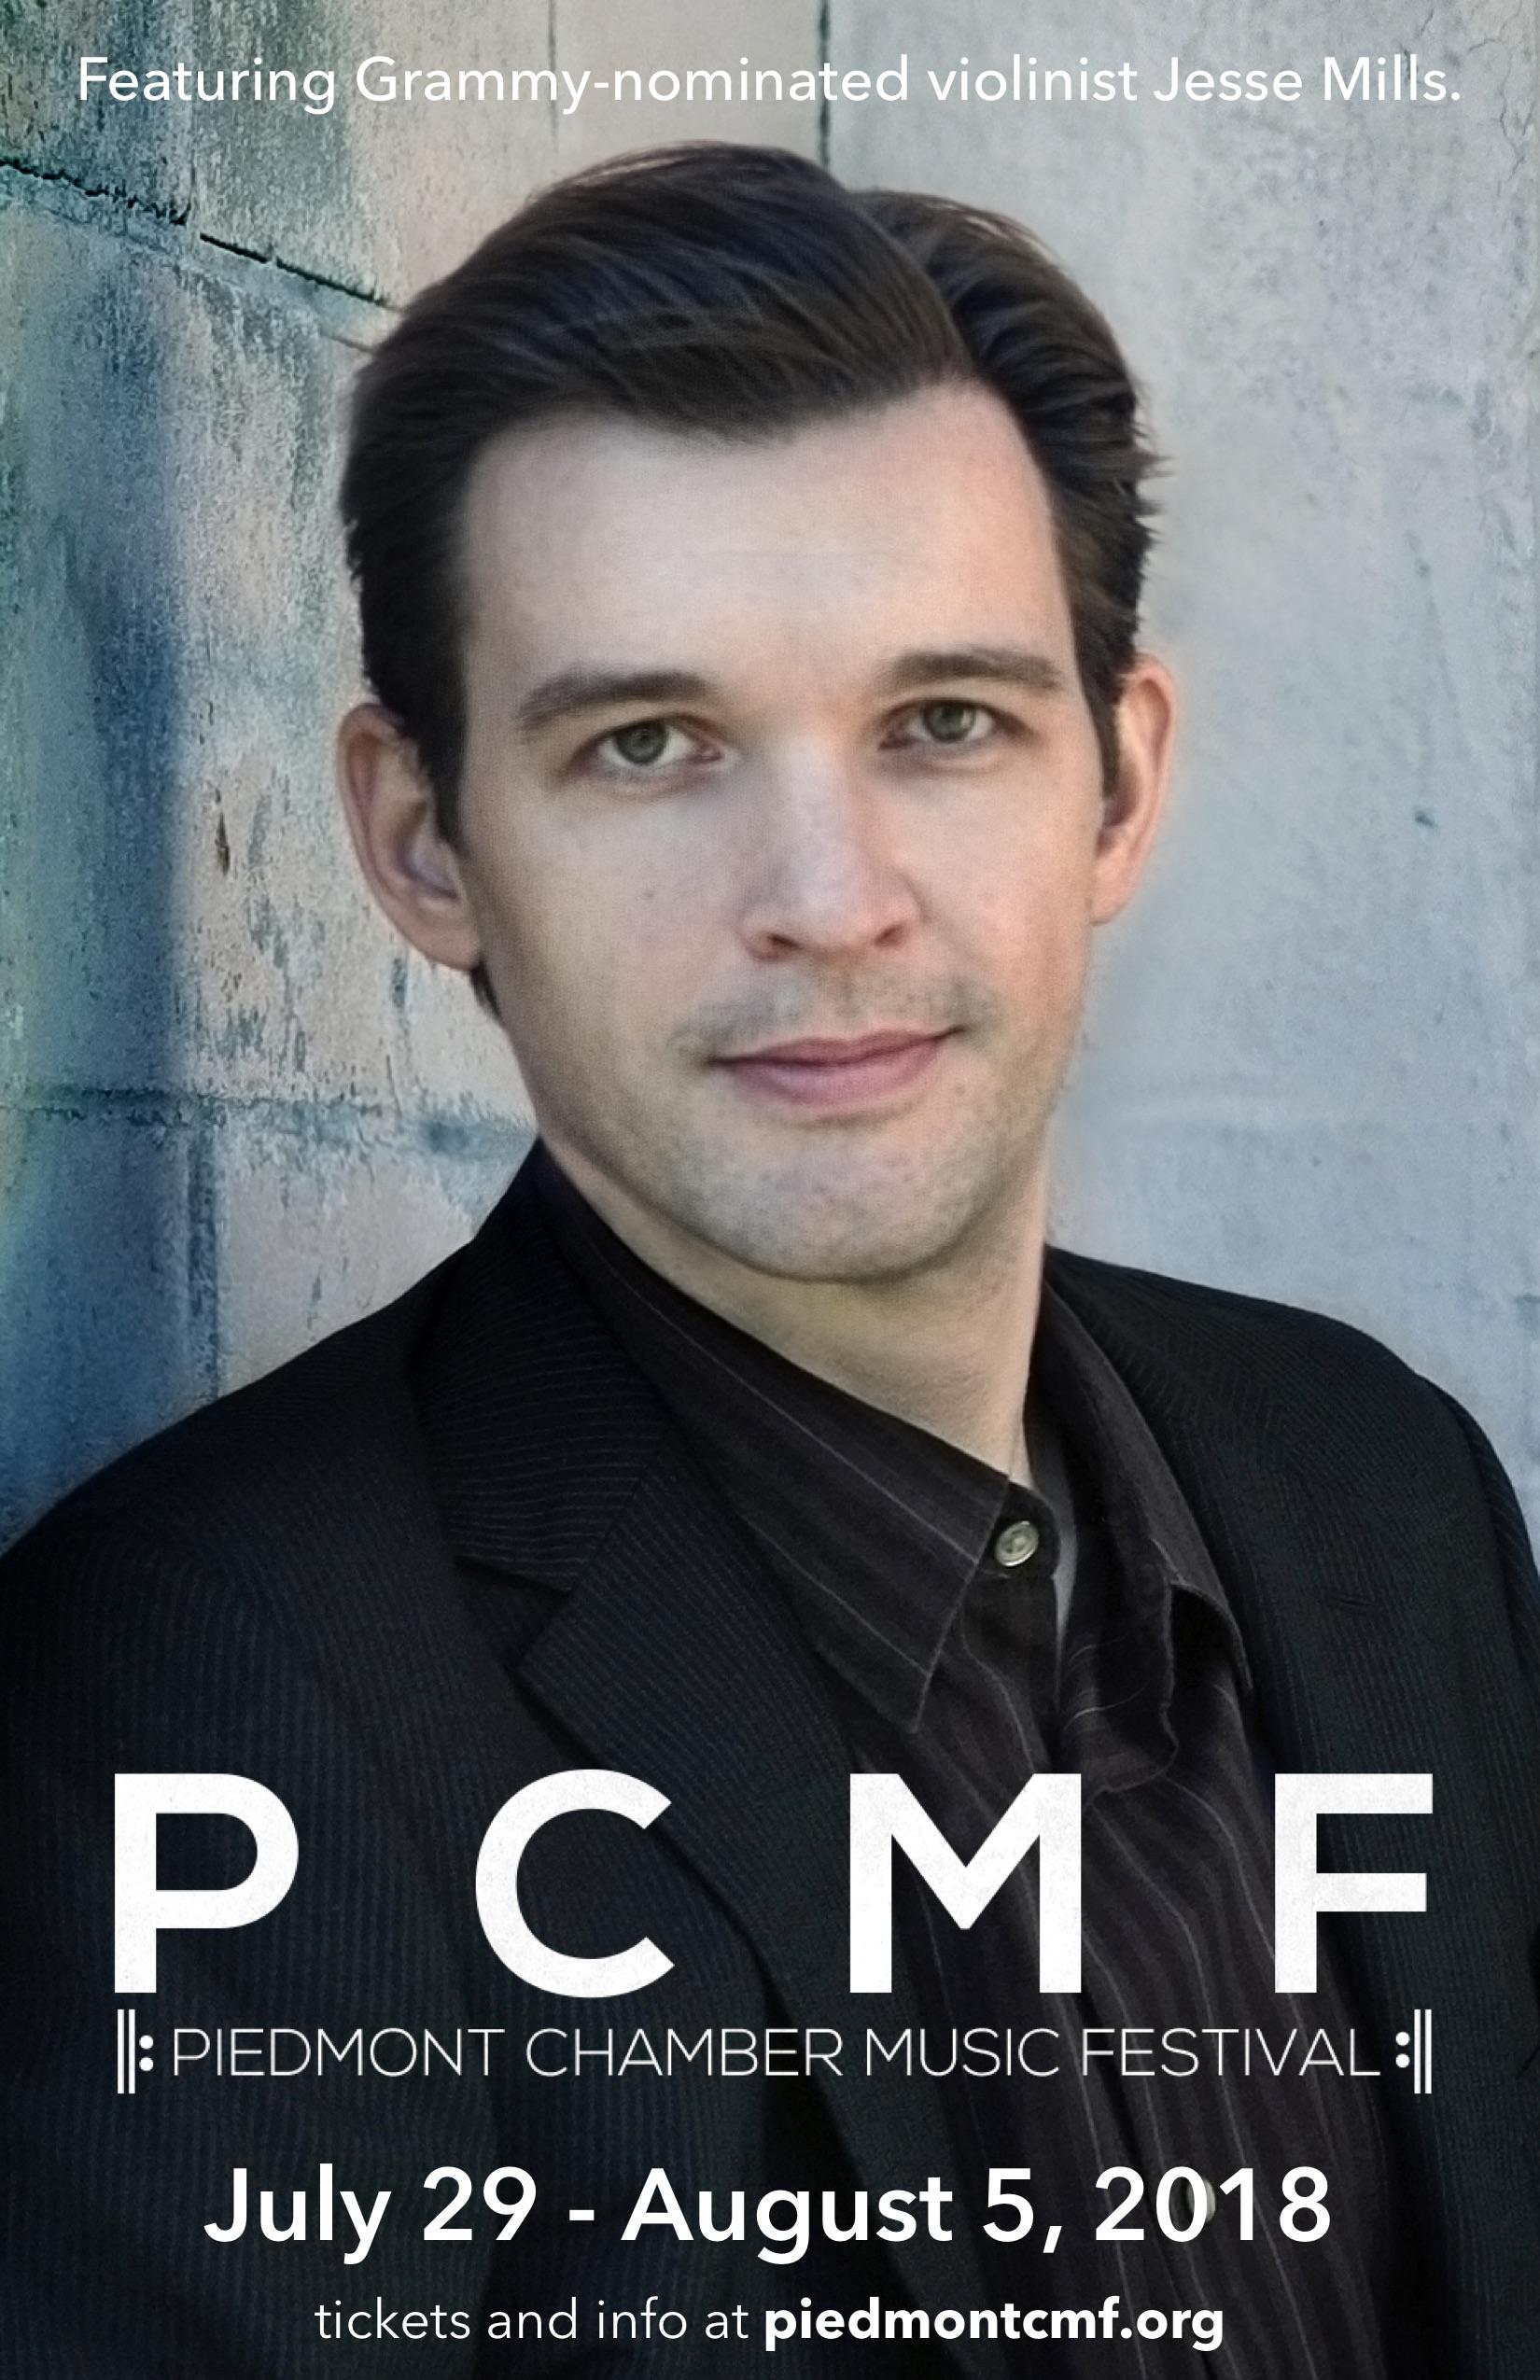 PCMF18 poster 5 (11x17).jpg